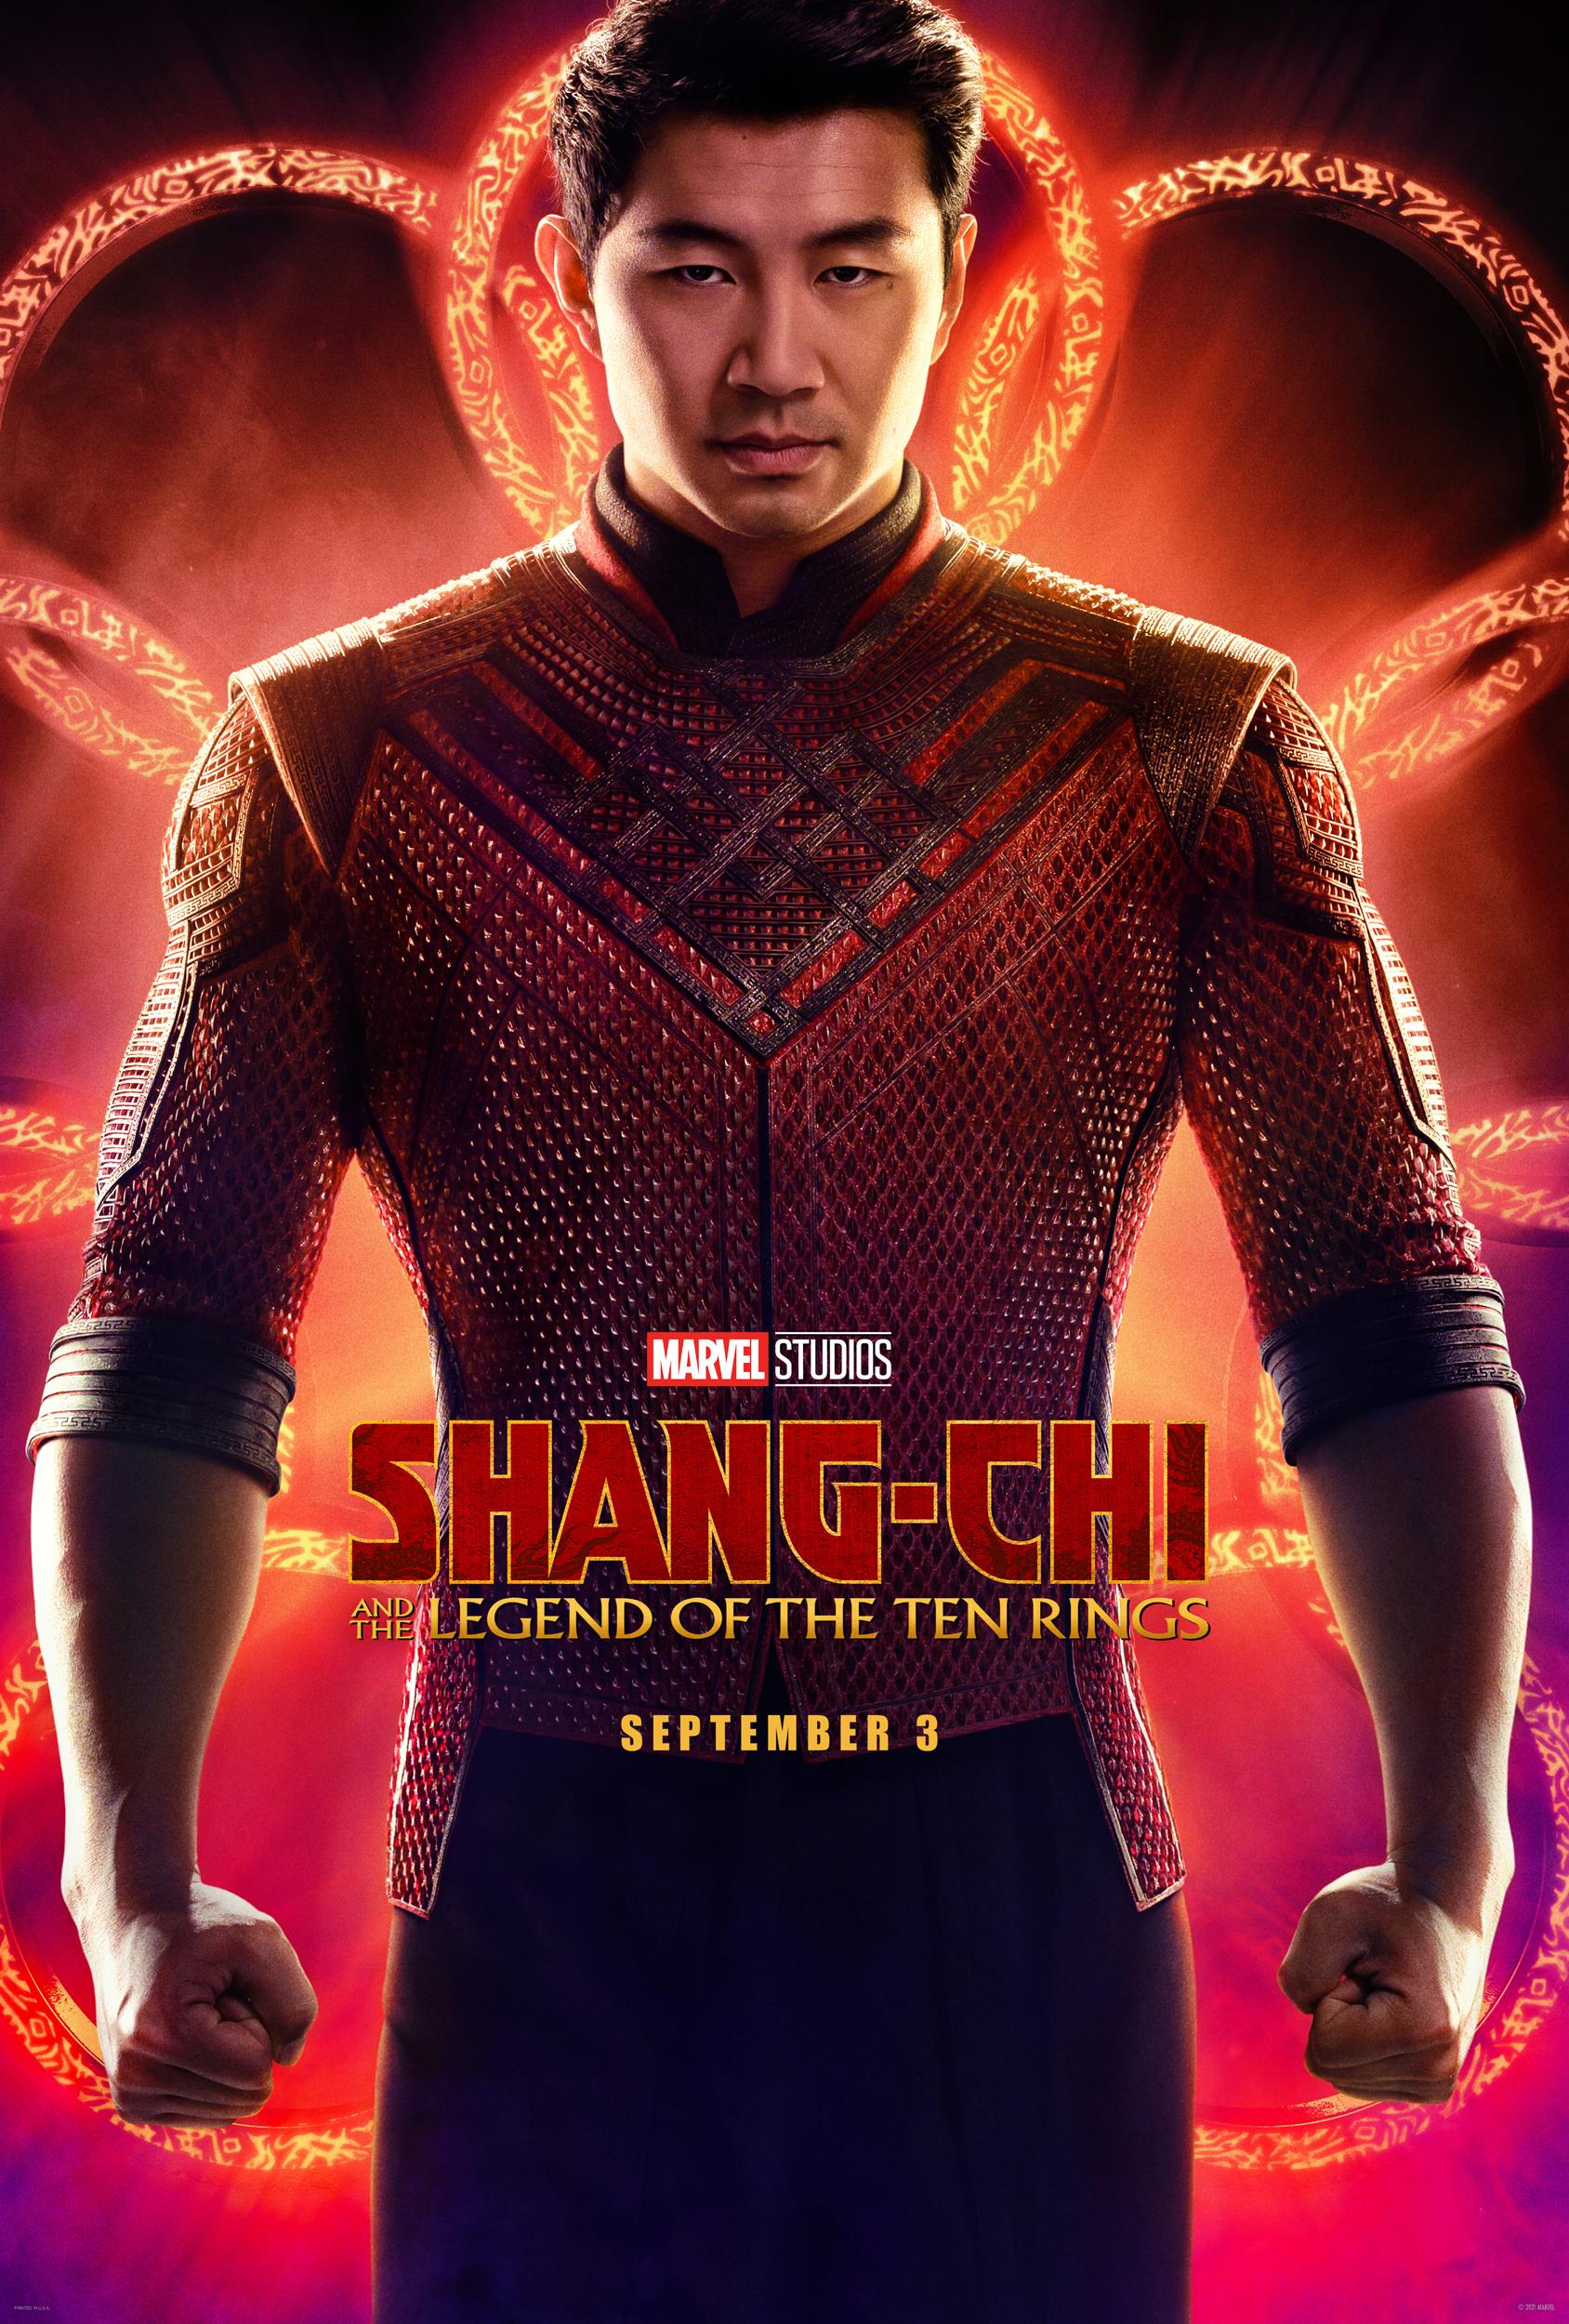 Phim Shang-Chi và huyền thoại Thập Nhẫn - Shang-Chi and the Legend of the Ten Rings (2021)